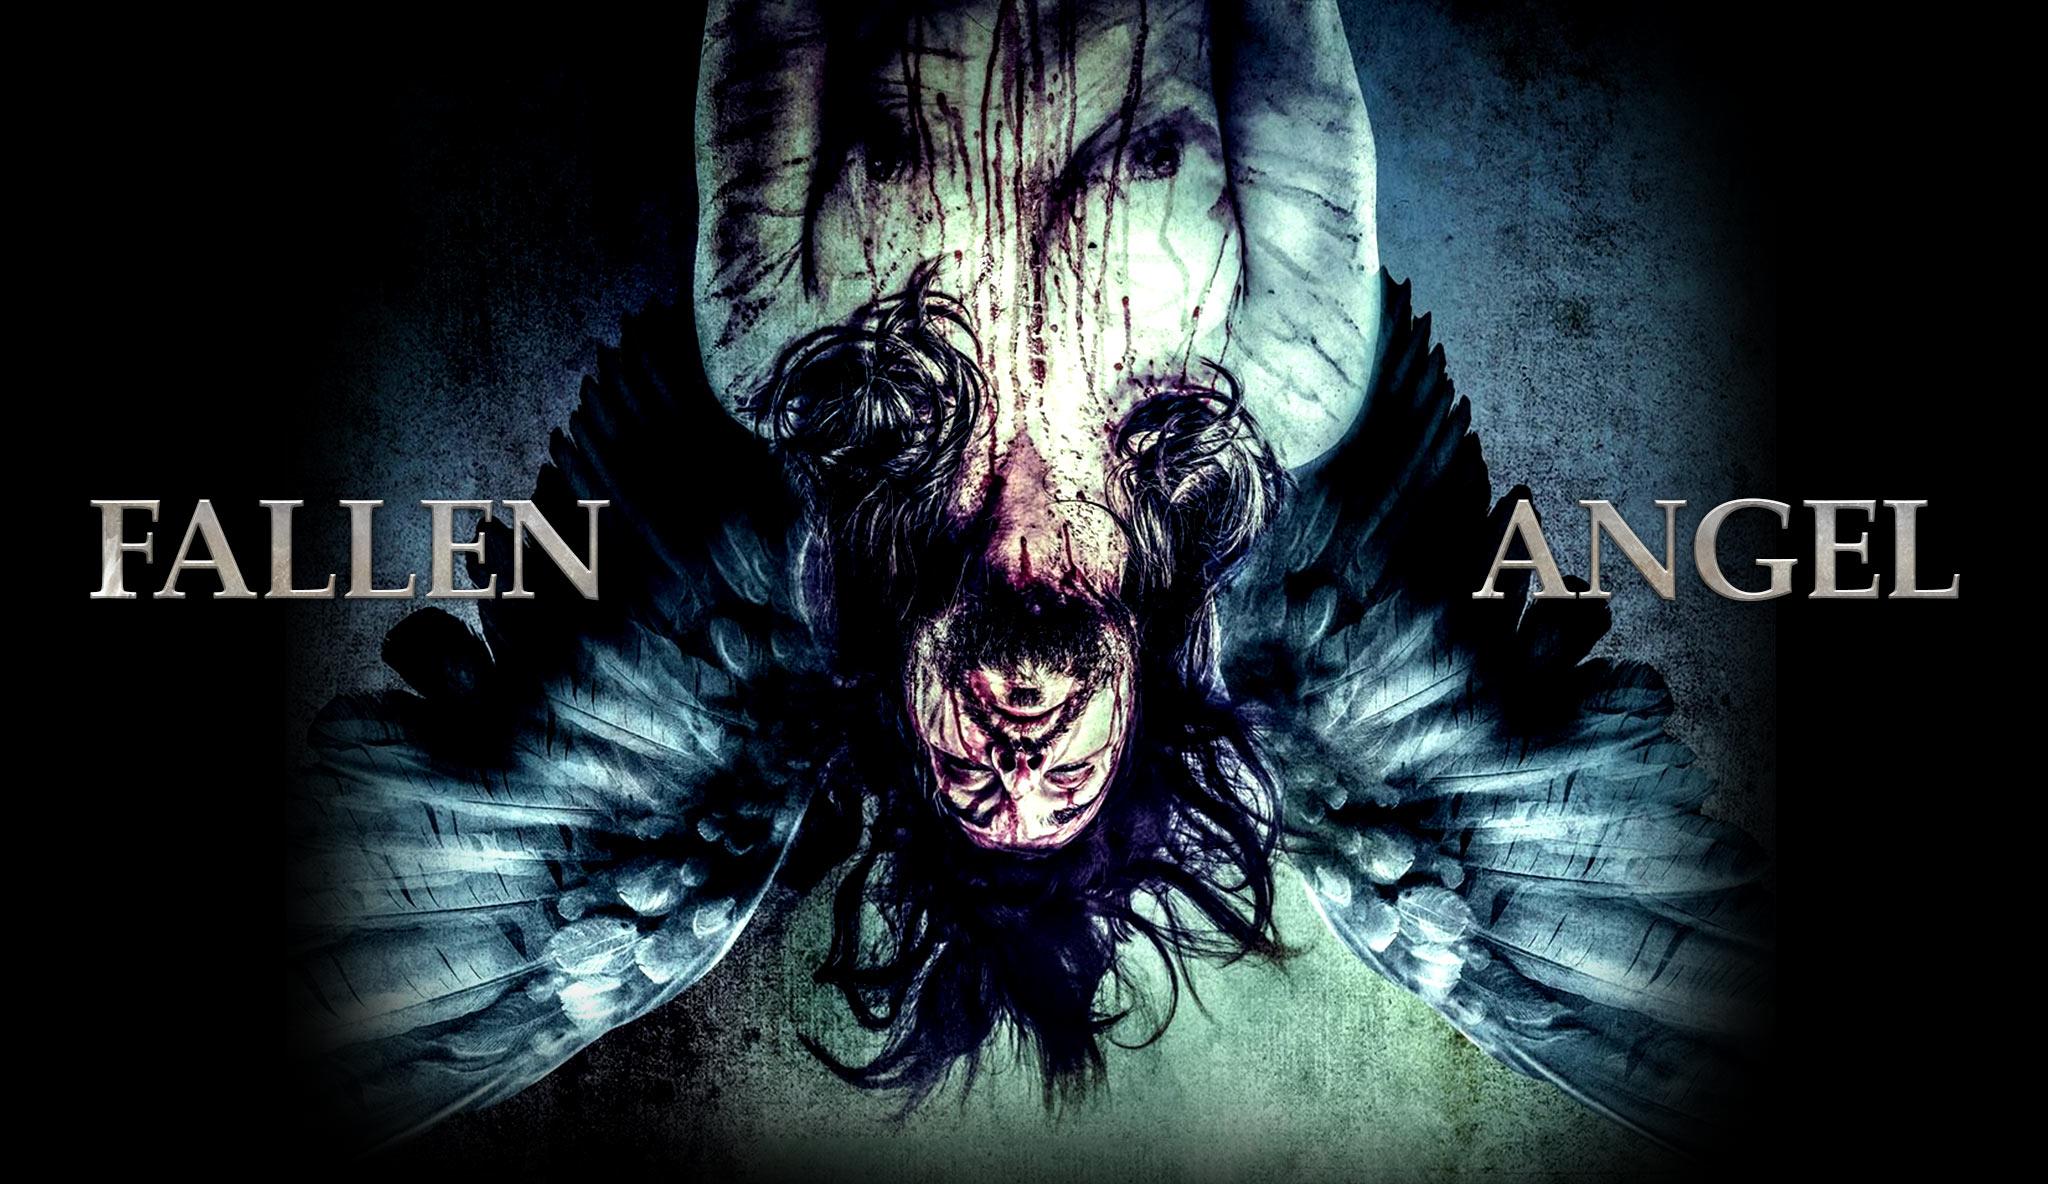 fallen-angel-der-gefallene-engel\header.jpg